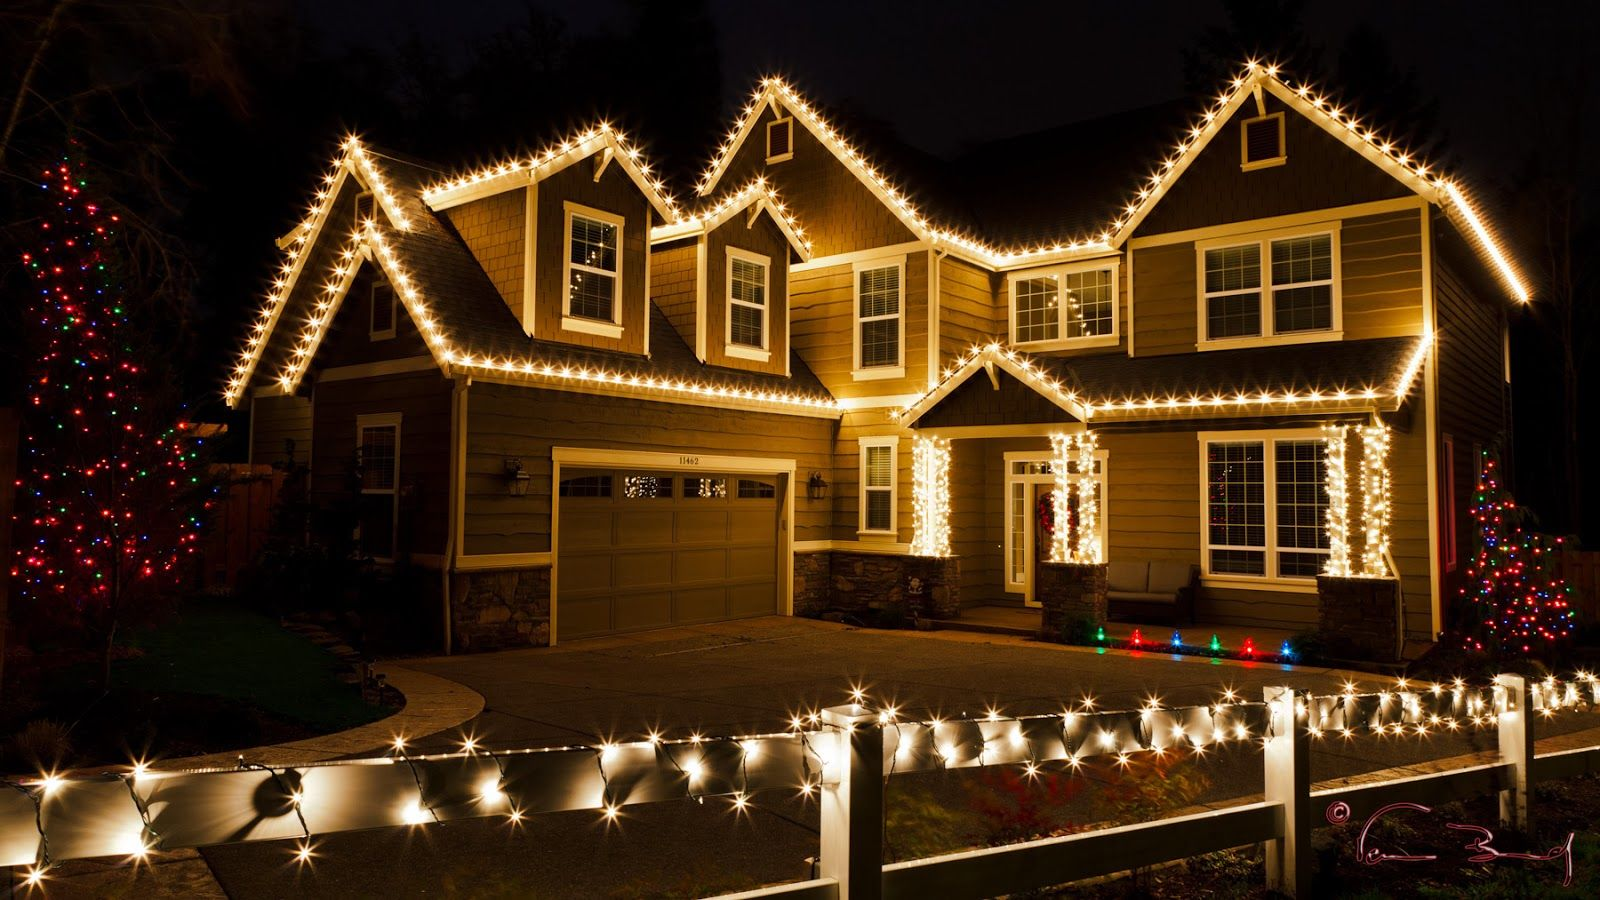 Casas de navidad con luces navidad pinterest casas de navidad luces y casas - Imagenes de casas adornadas con luces de navidad ...